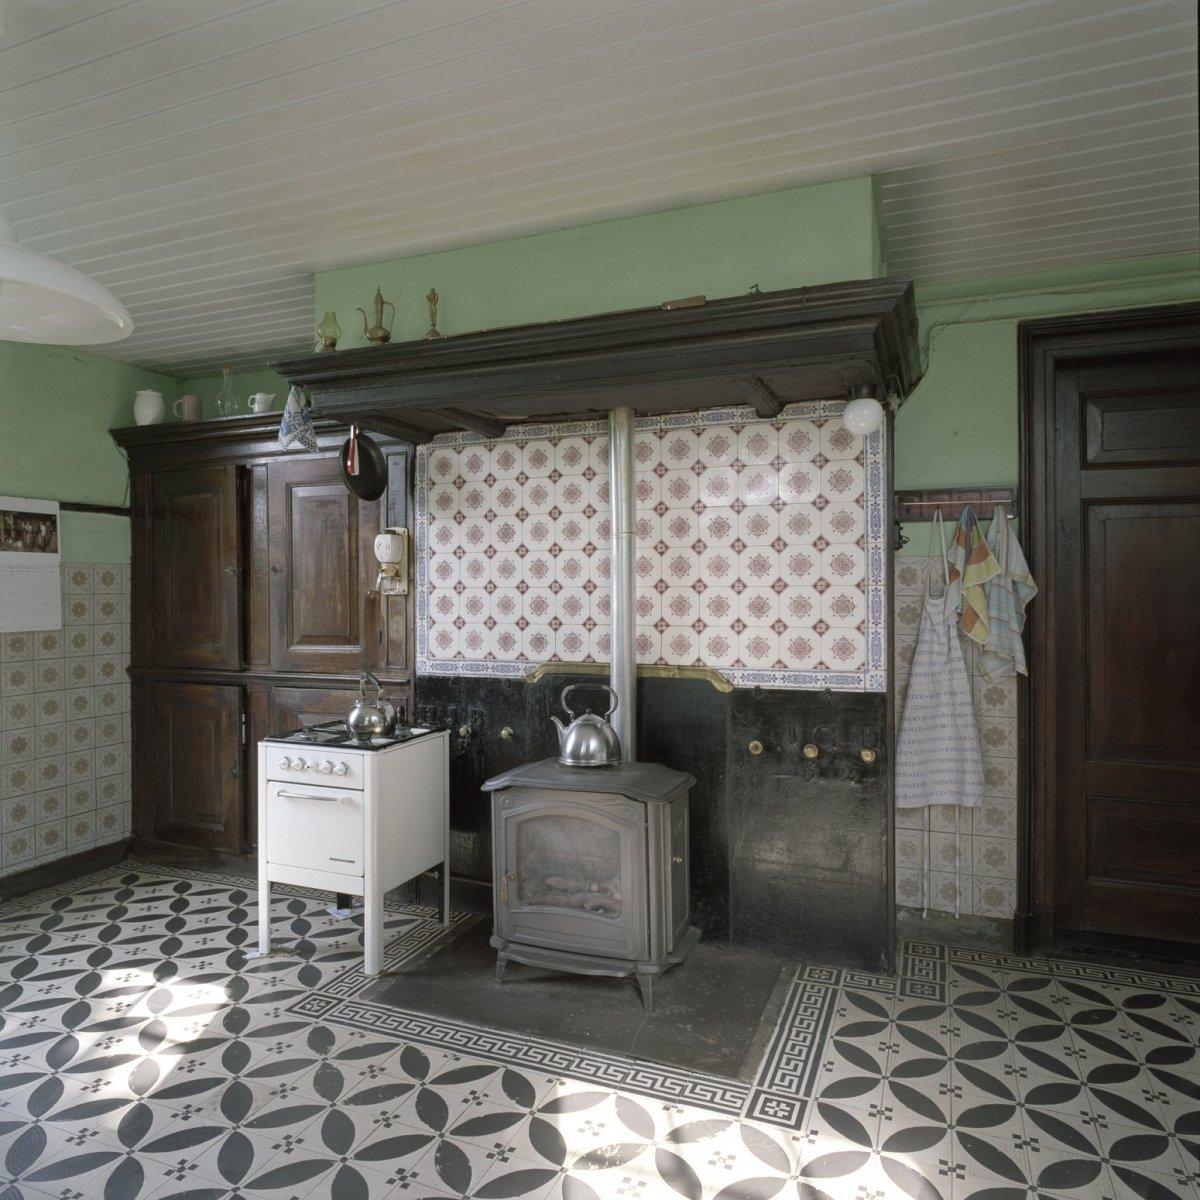 File:Interieur woonhuis, overzicht van de keuken richting betegelde ...